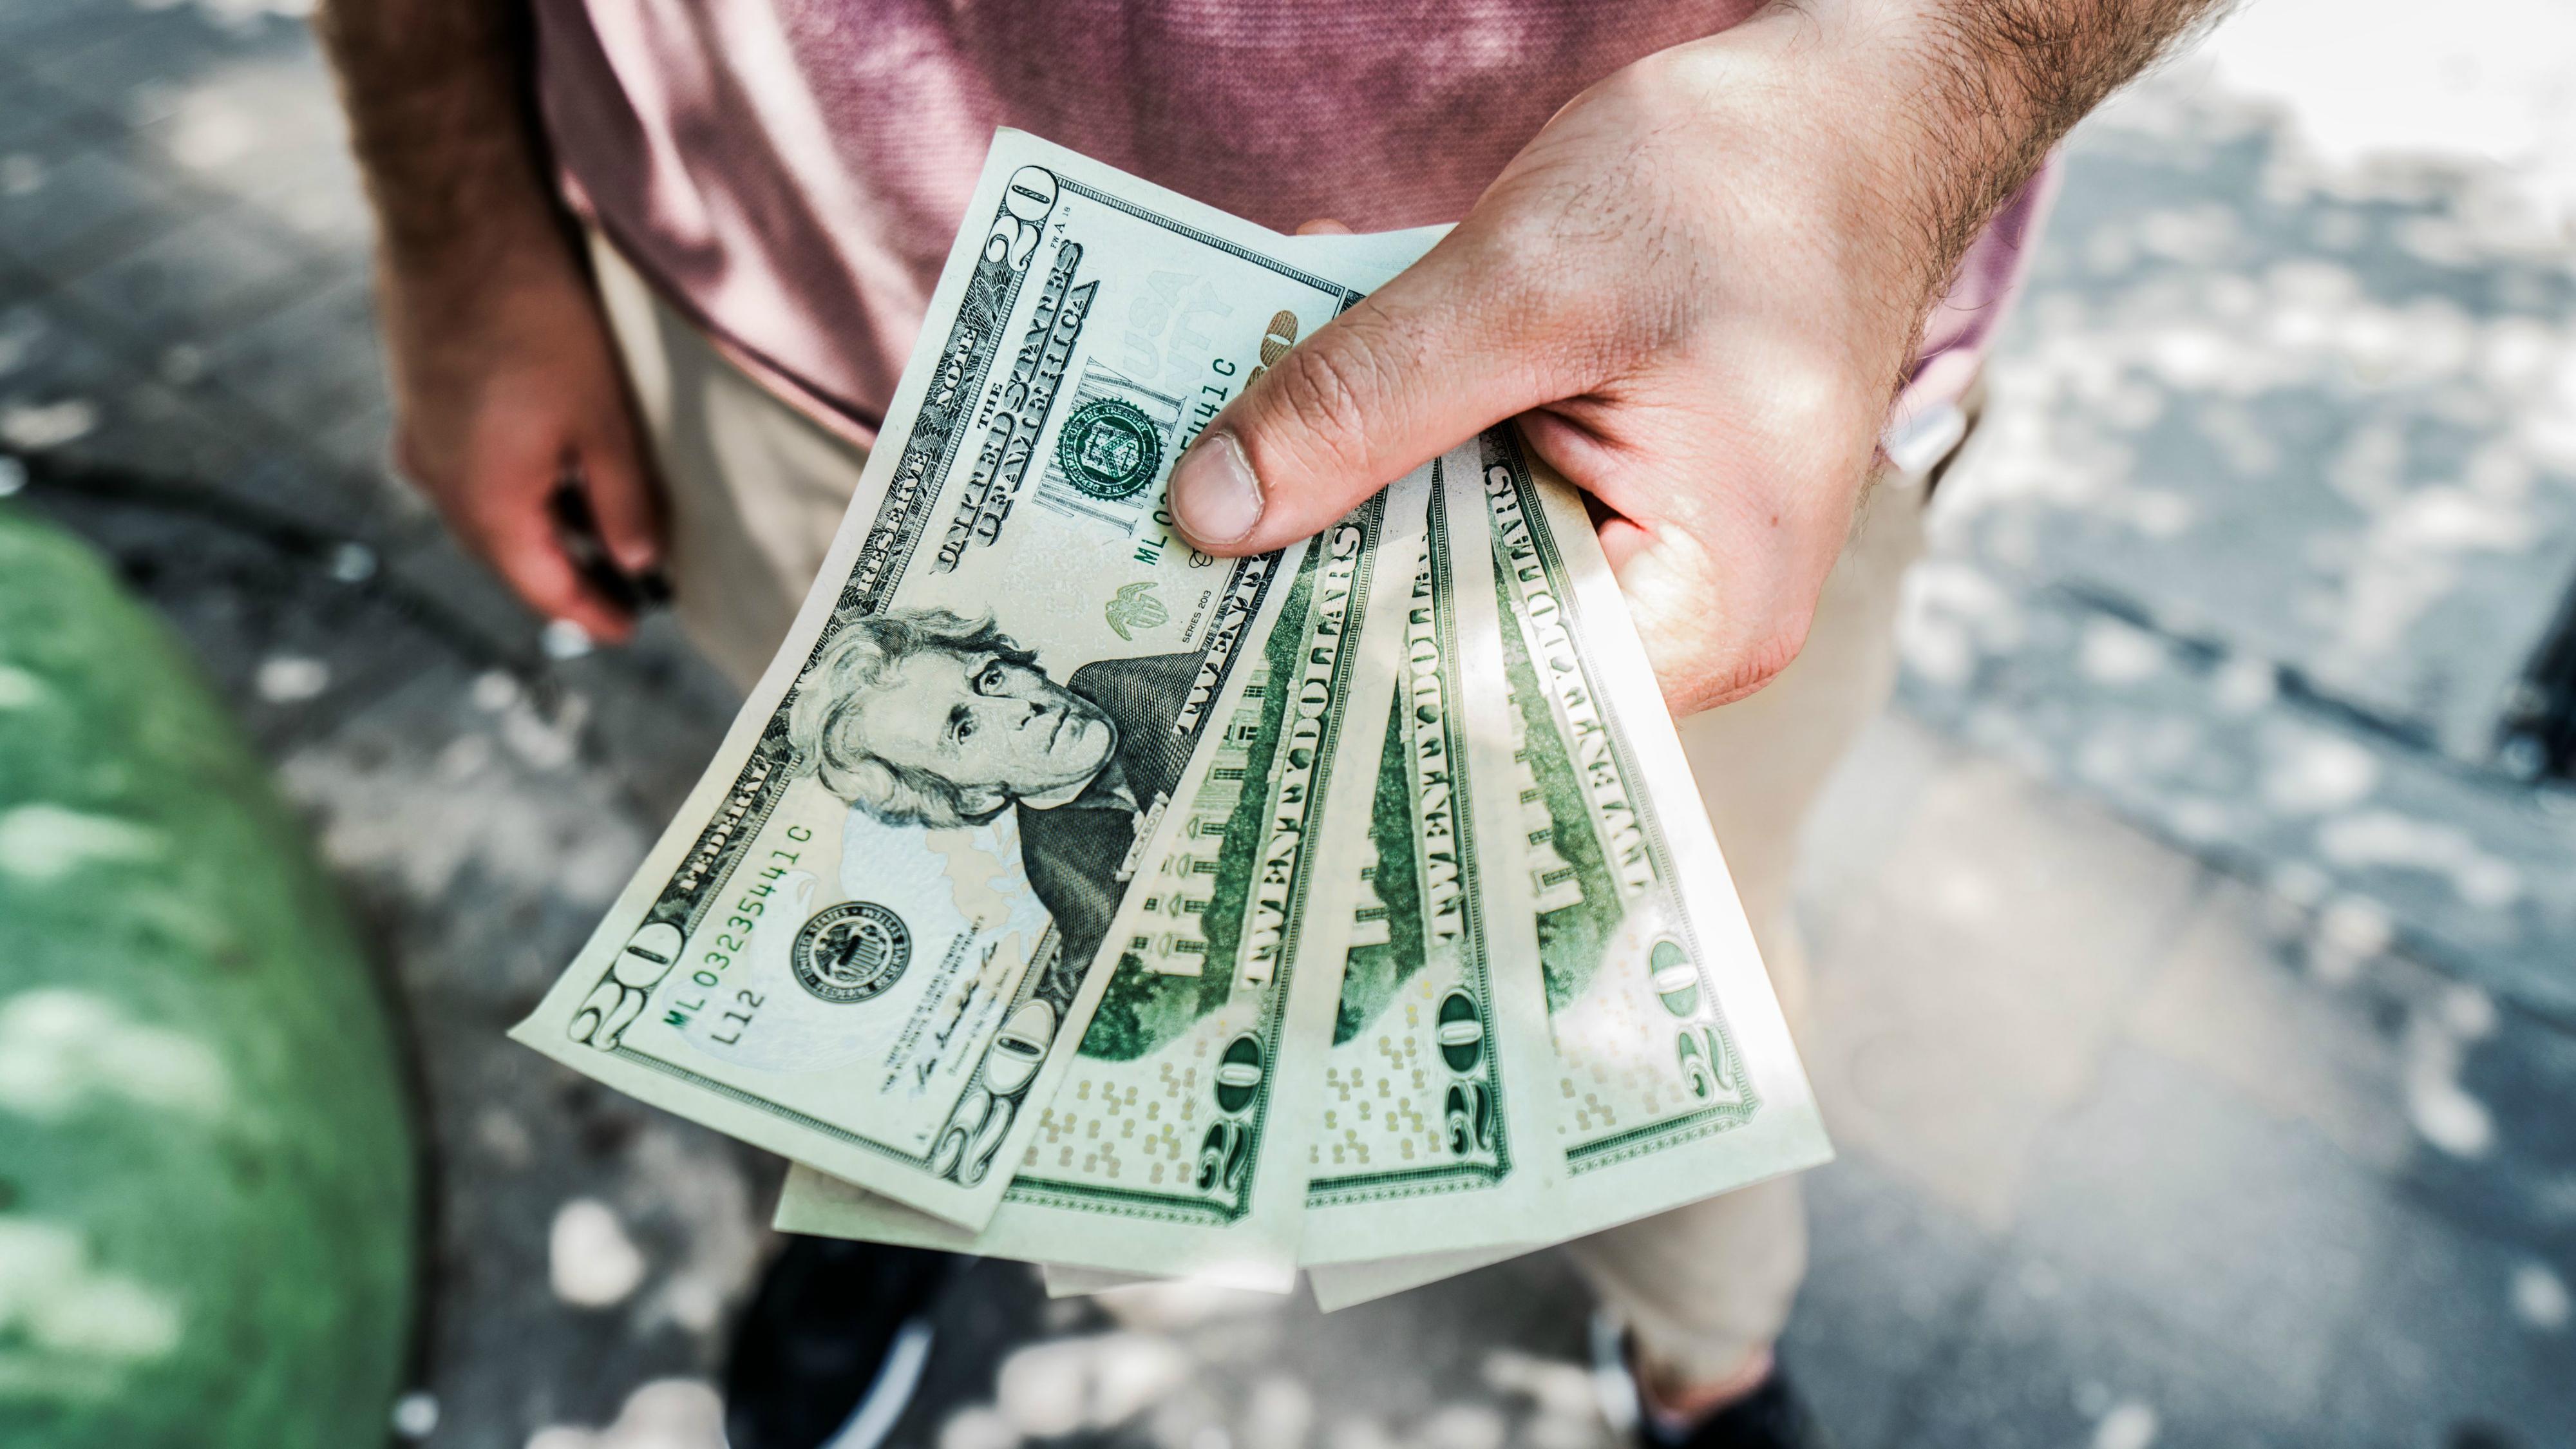 reāli veidi, kā nopelnīt lielu naudu viegli pārbaudīts veids, kā nopelnīt naudu internetā